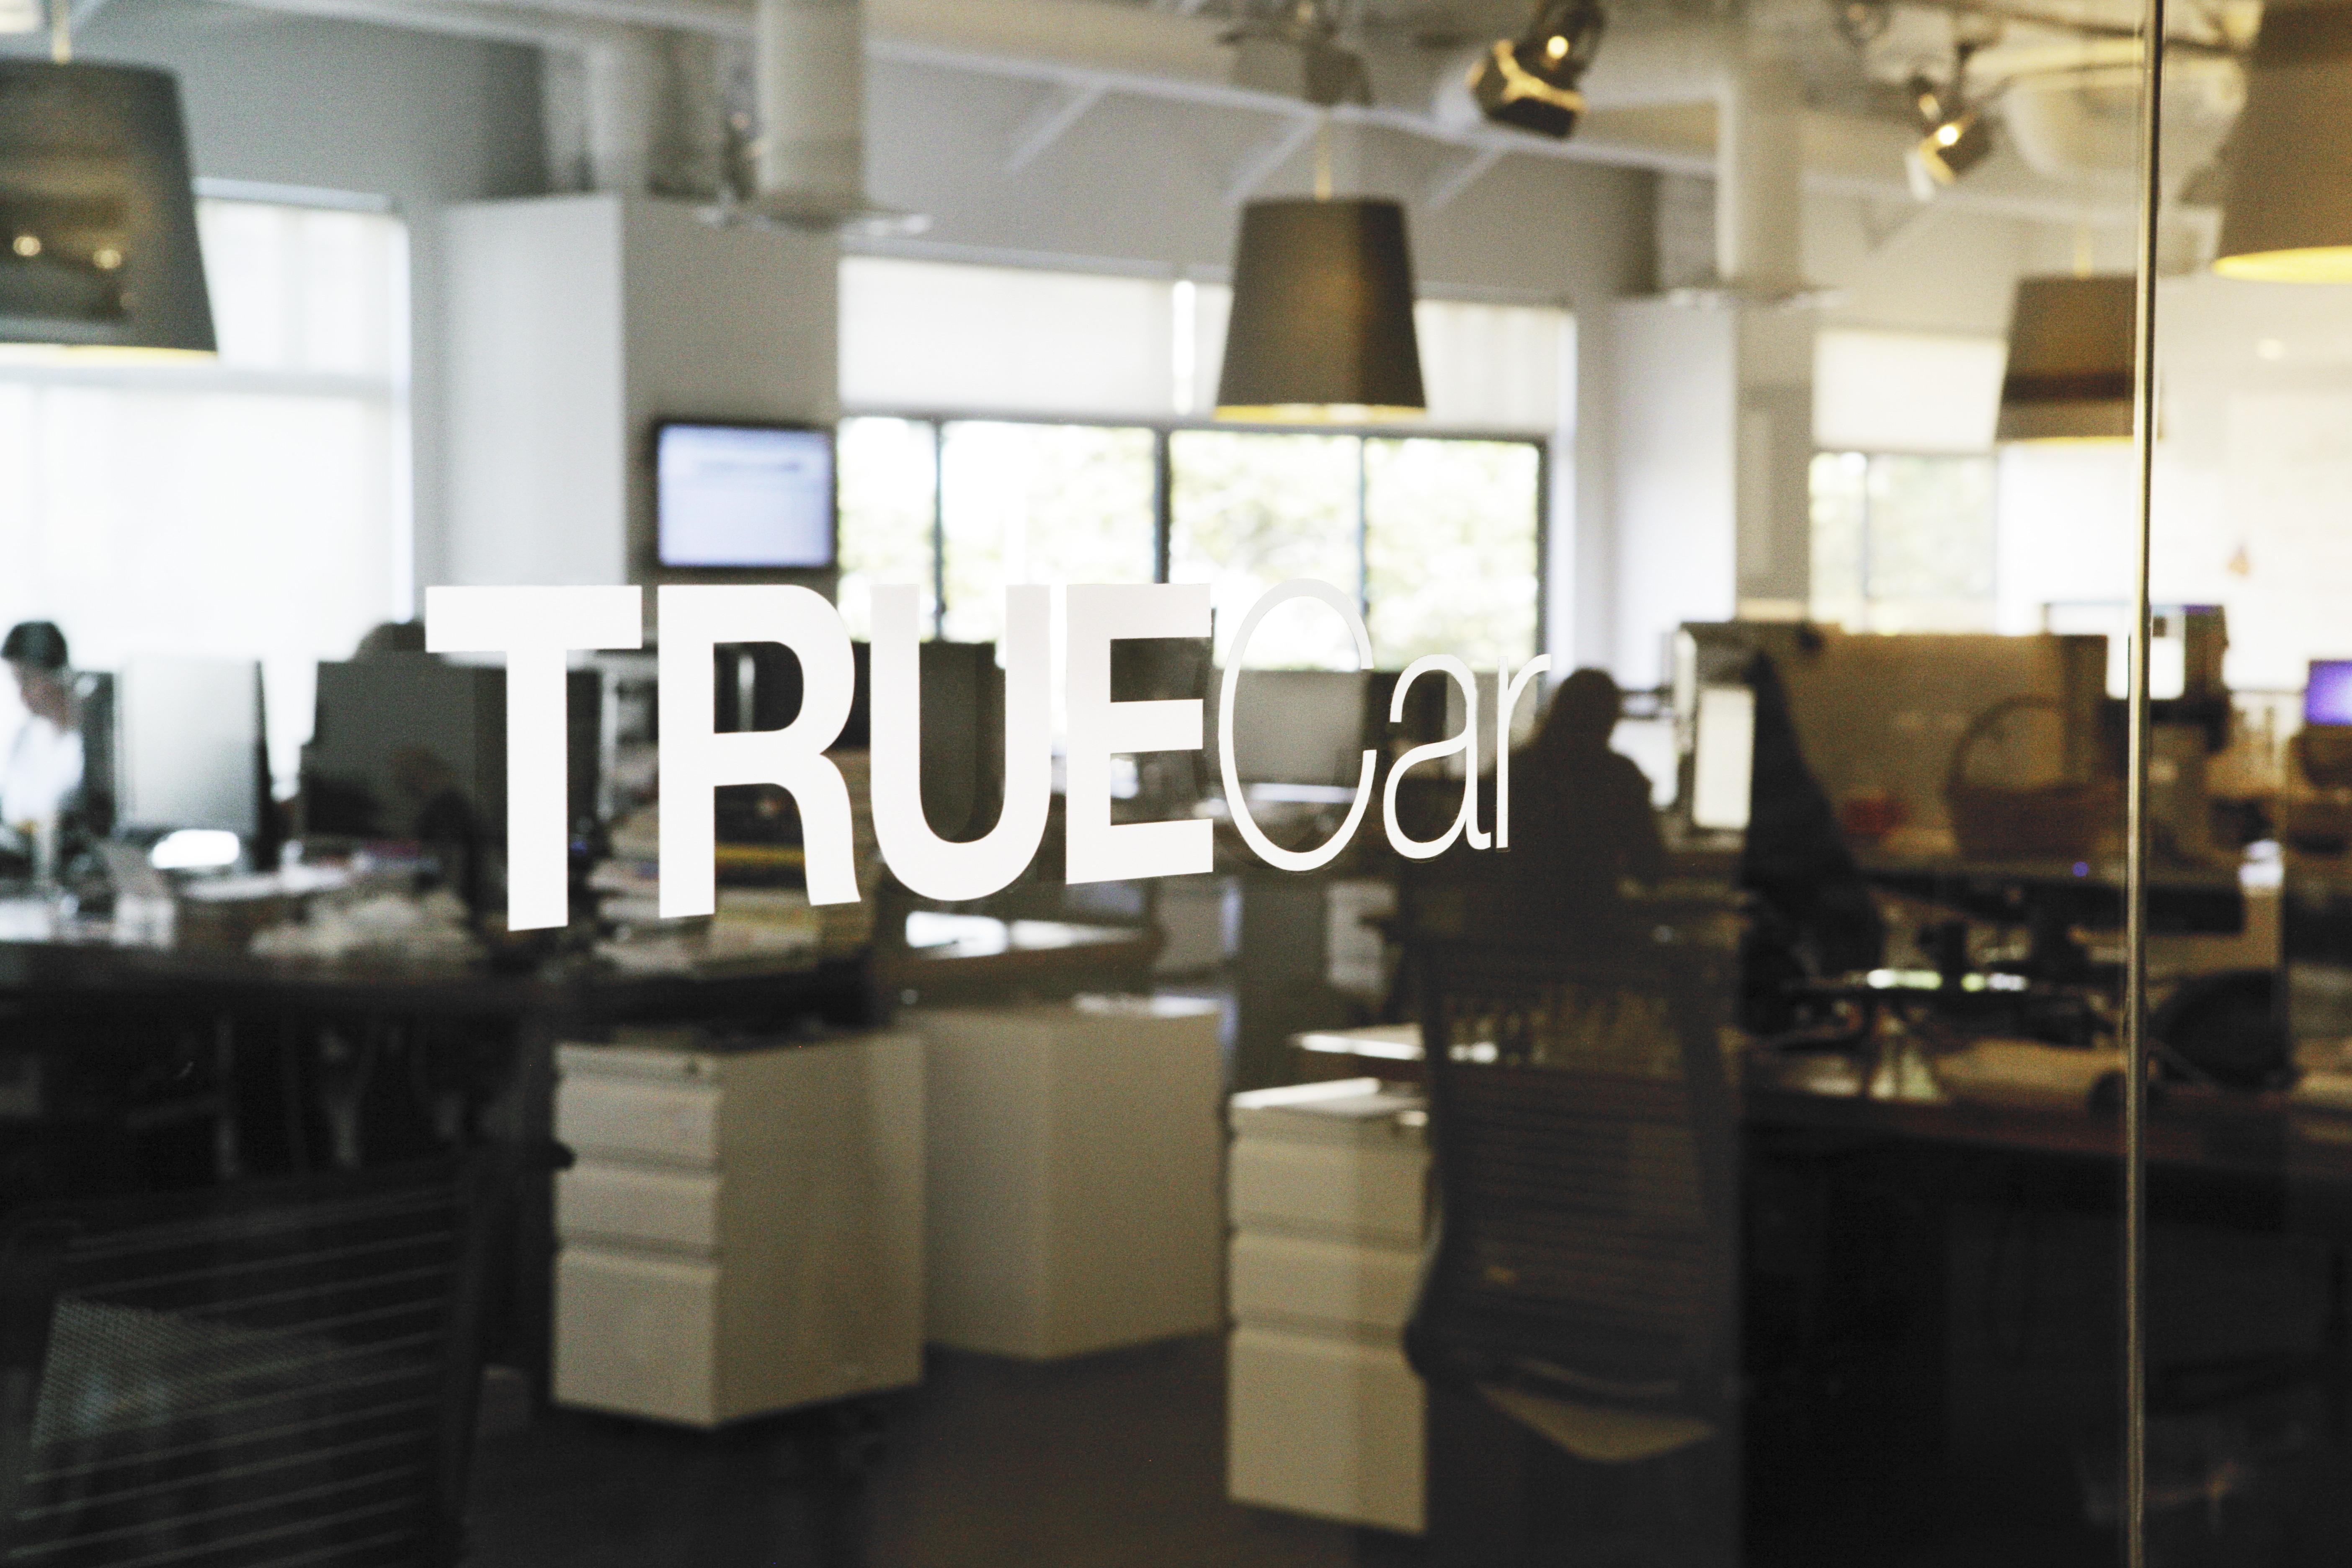 The entrance to TrueCar's headquarters in Santa Monica, California.